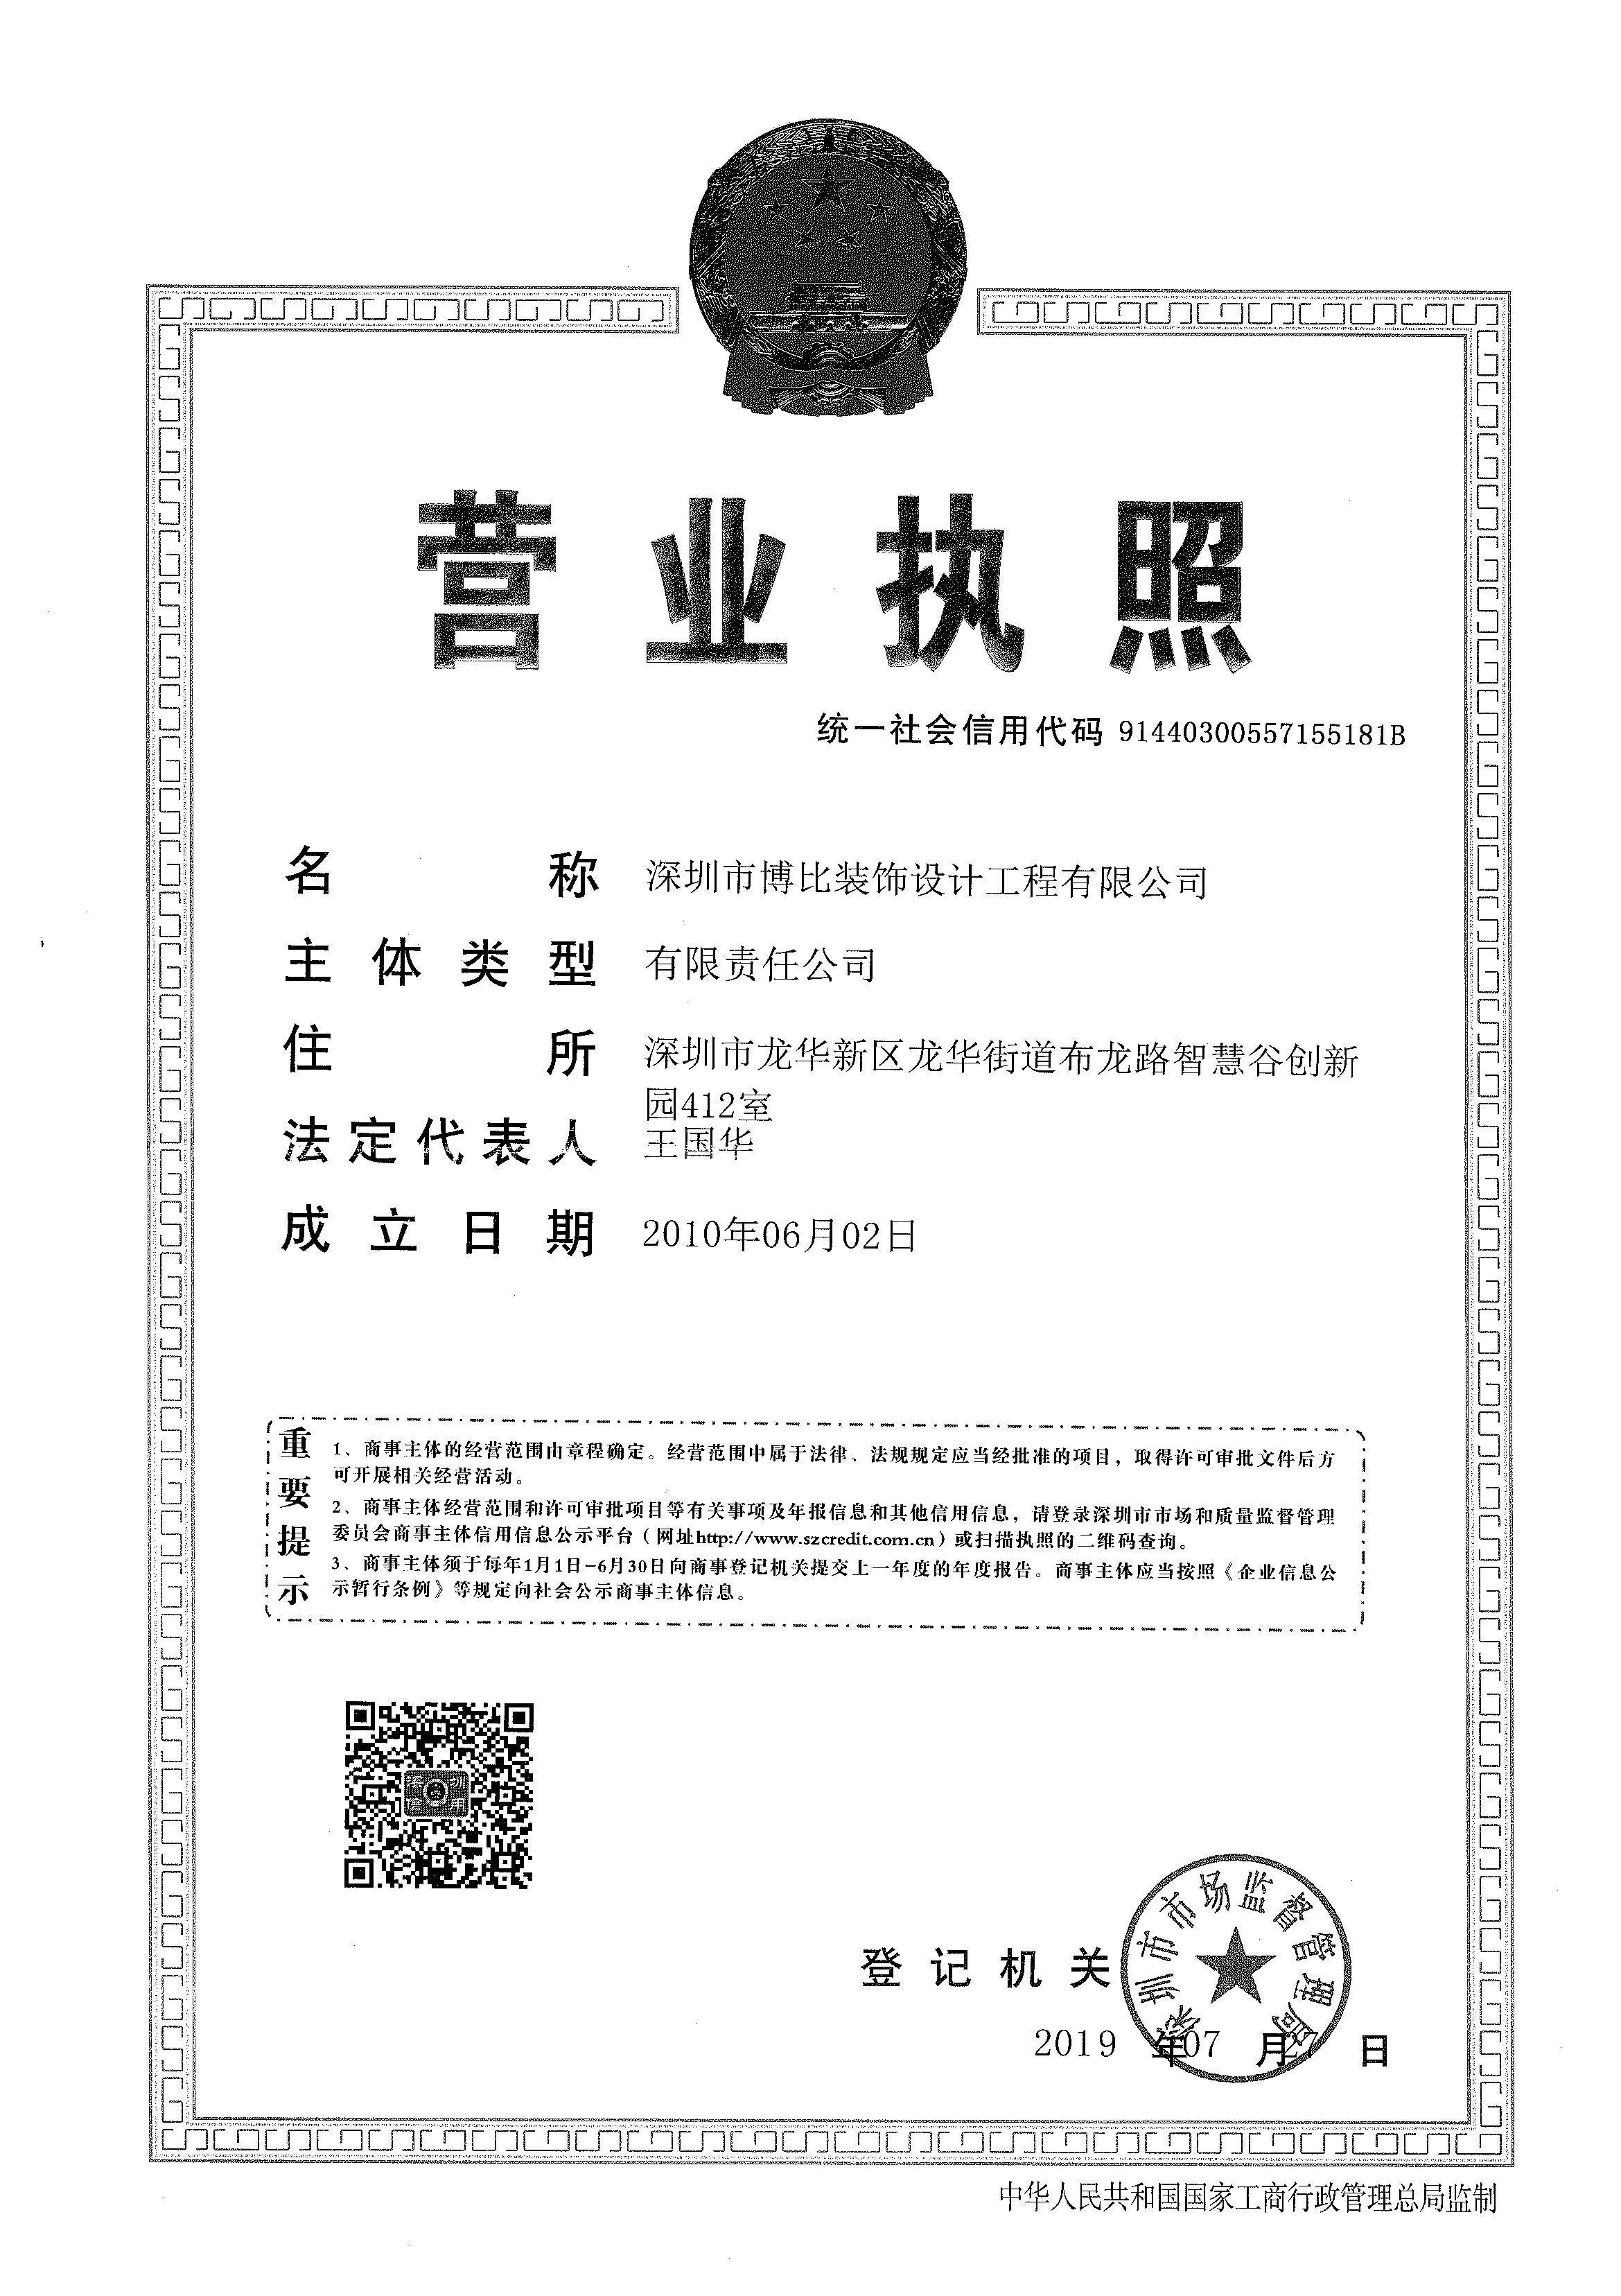 深圳市博比装饰设计工程有限公司